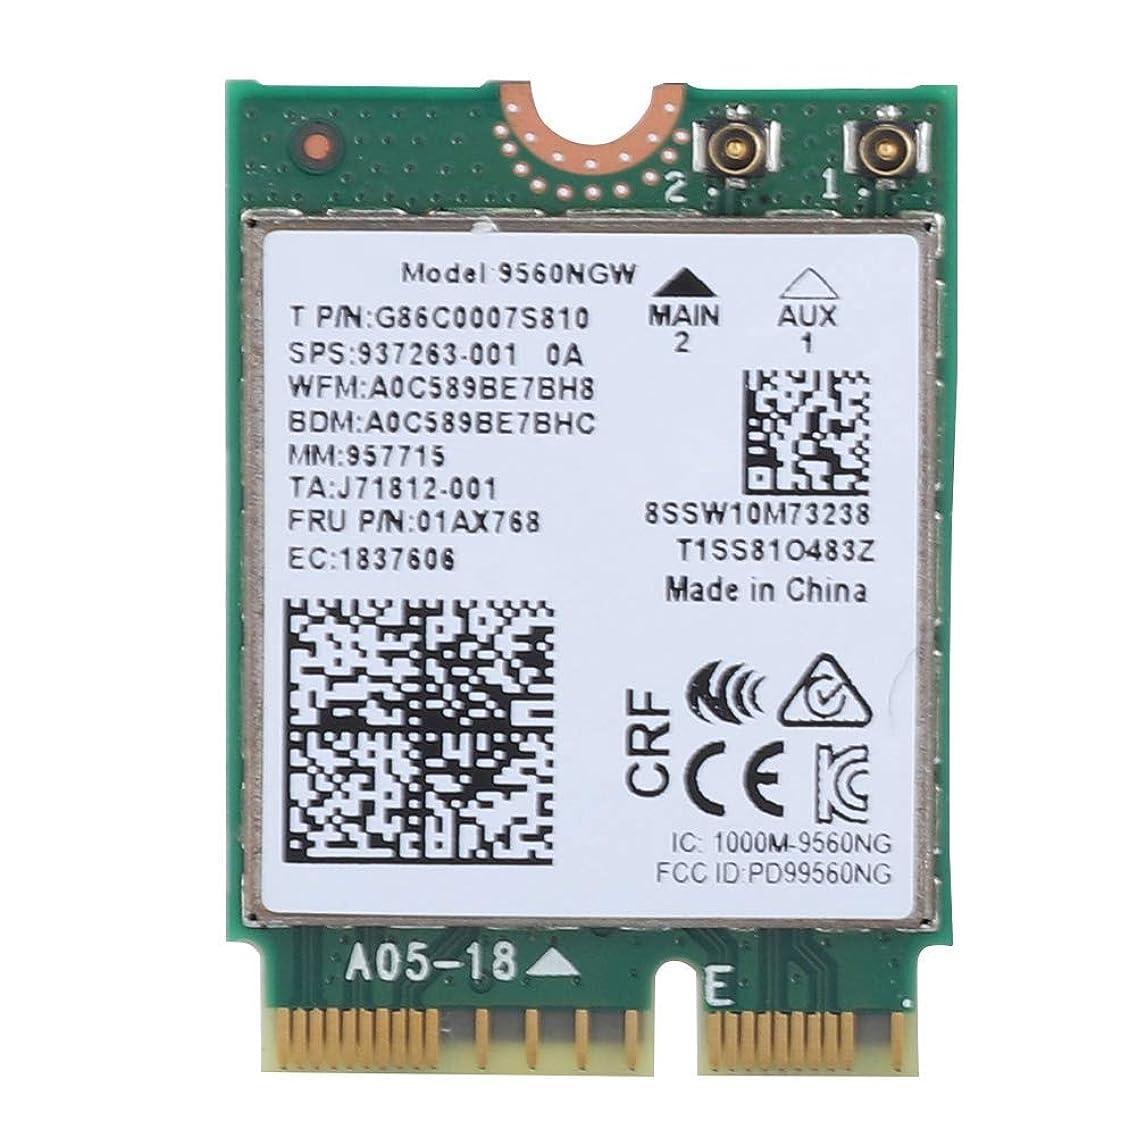 散らす動力学排除するインテル9560AC NGW NGWワイヤレスWIFIカード用のBluetooth 5.0対応2.4G / 5Gデュアルバンドネットワークカード